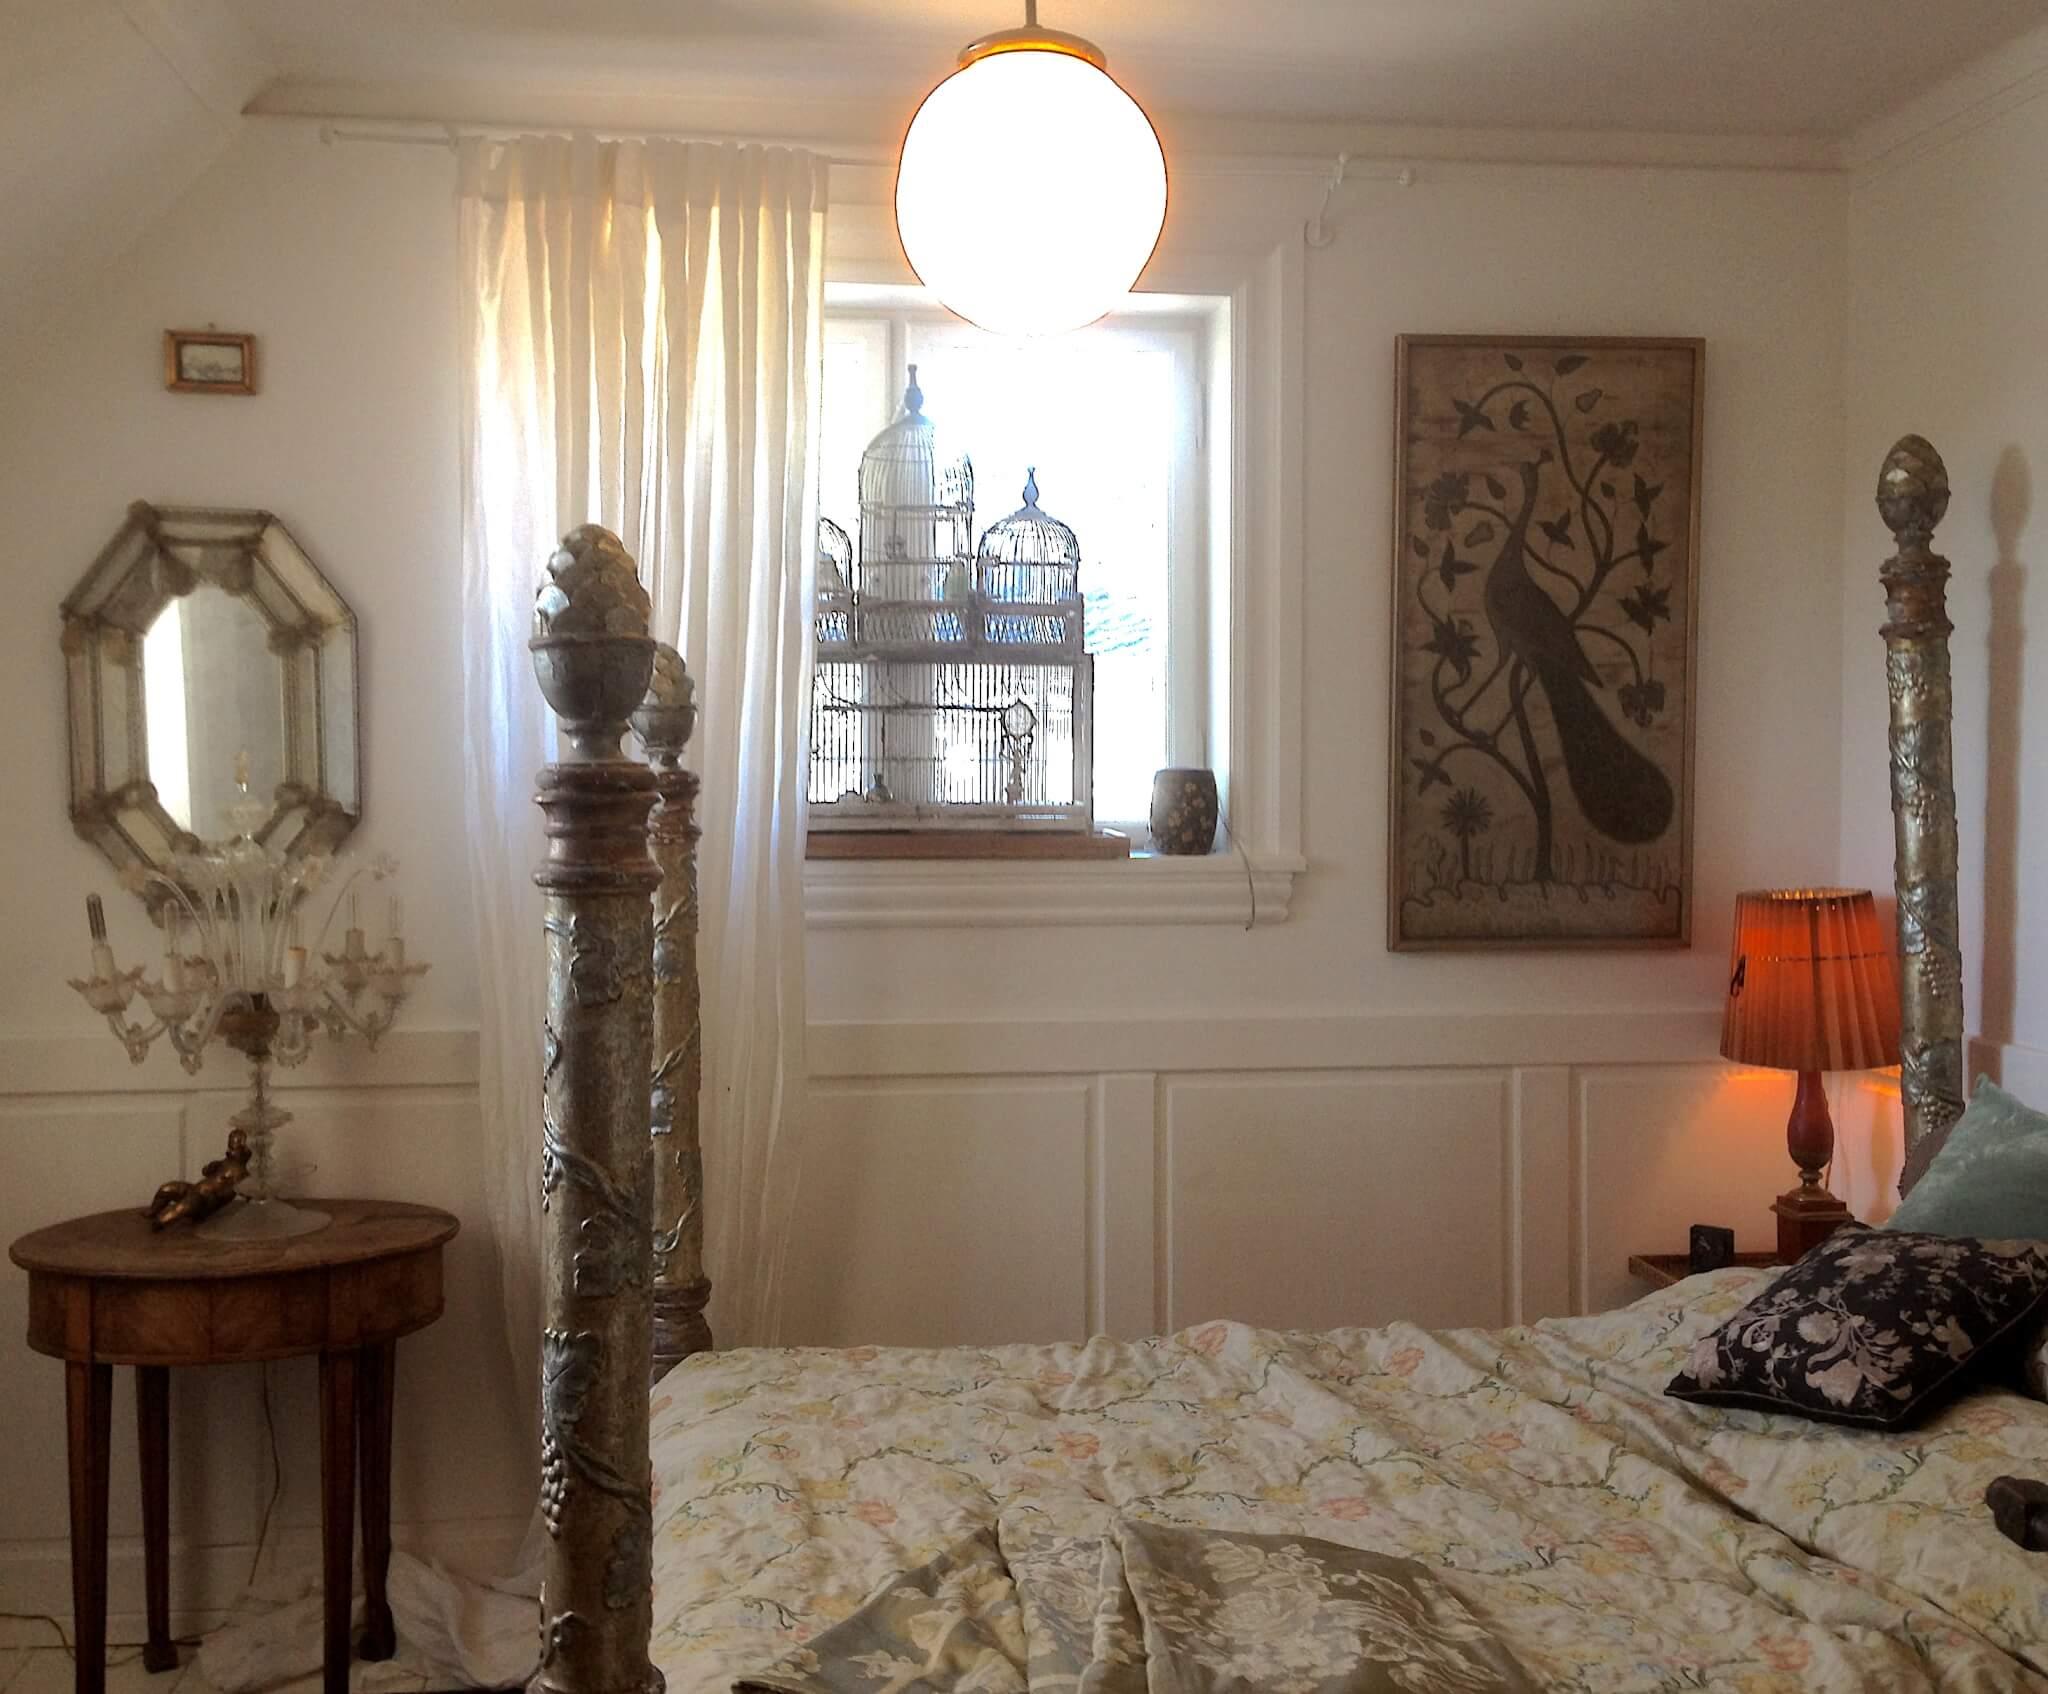 Soveværelse med venetiansk seng, lampe og spejl